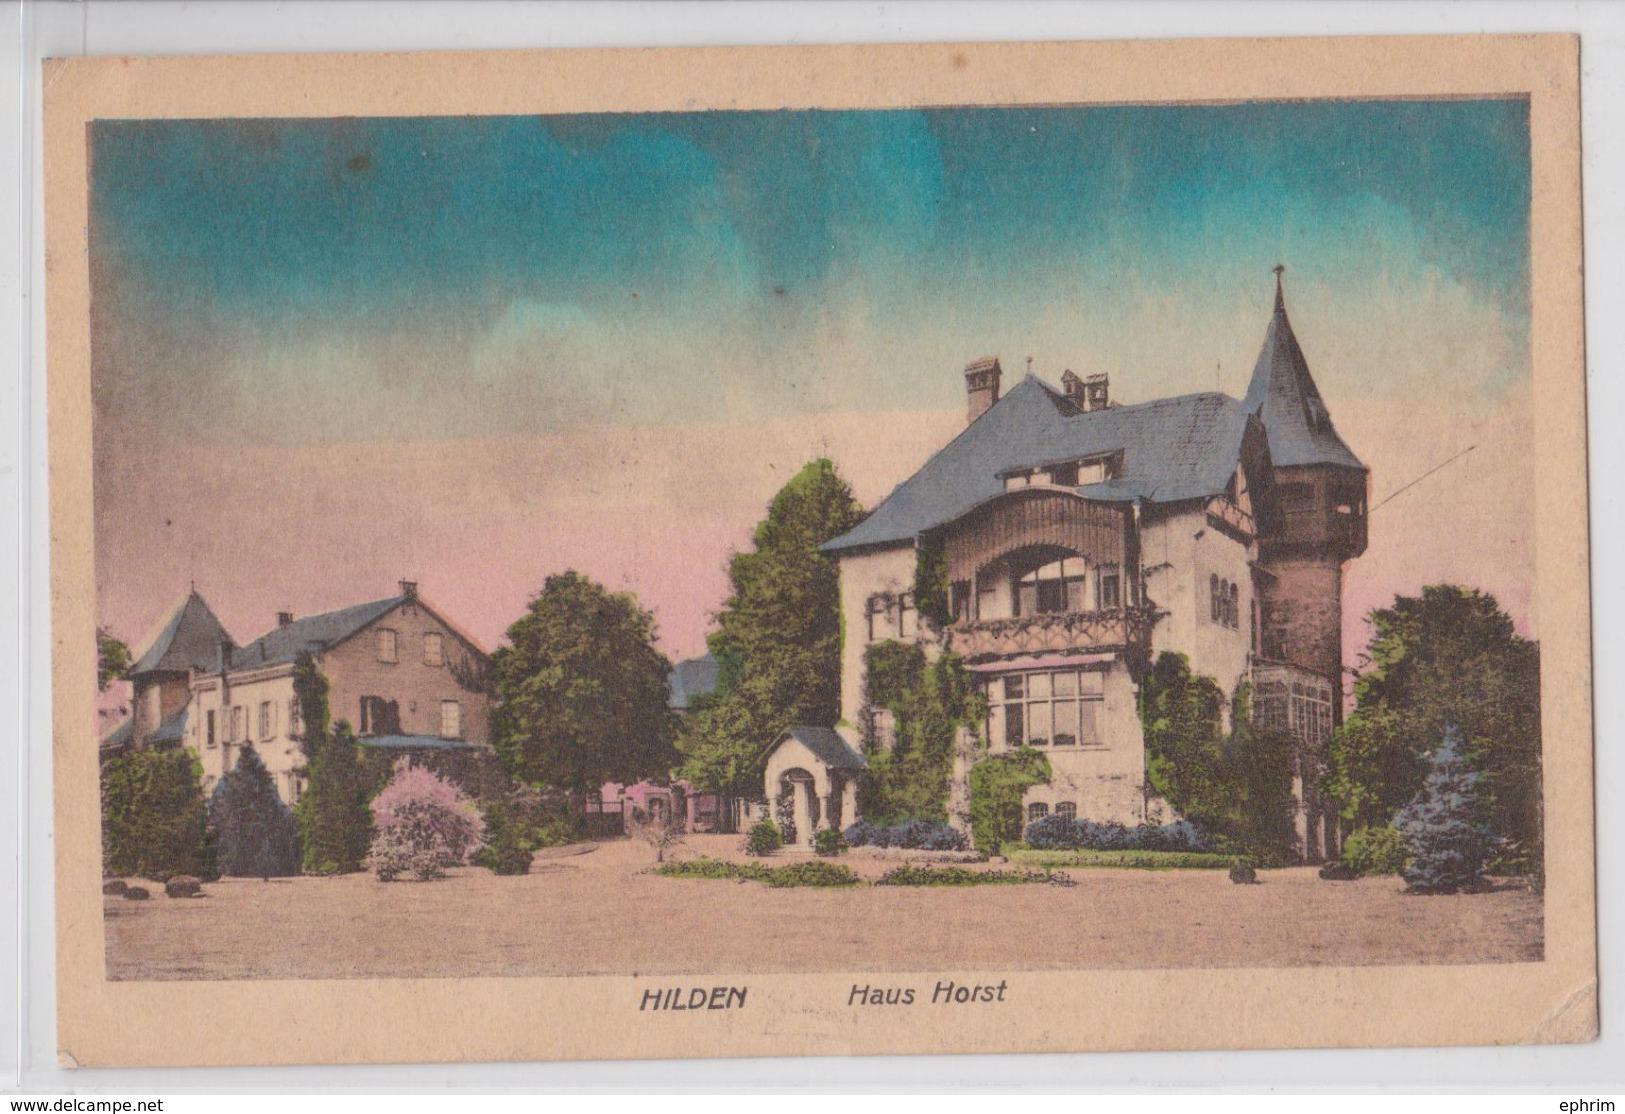 HILDEN - Haus Horst 1919 - Hilden